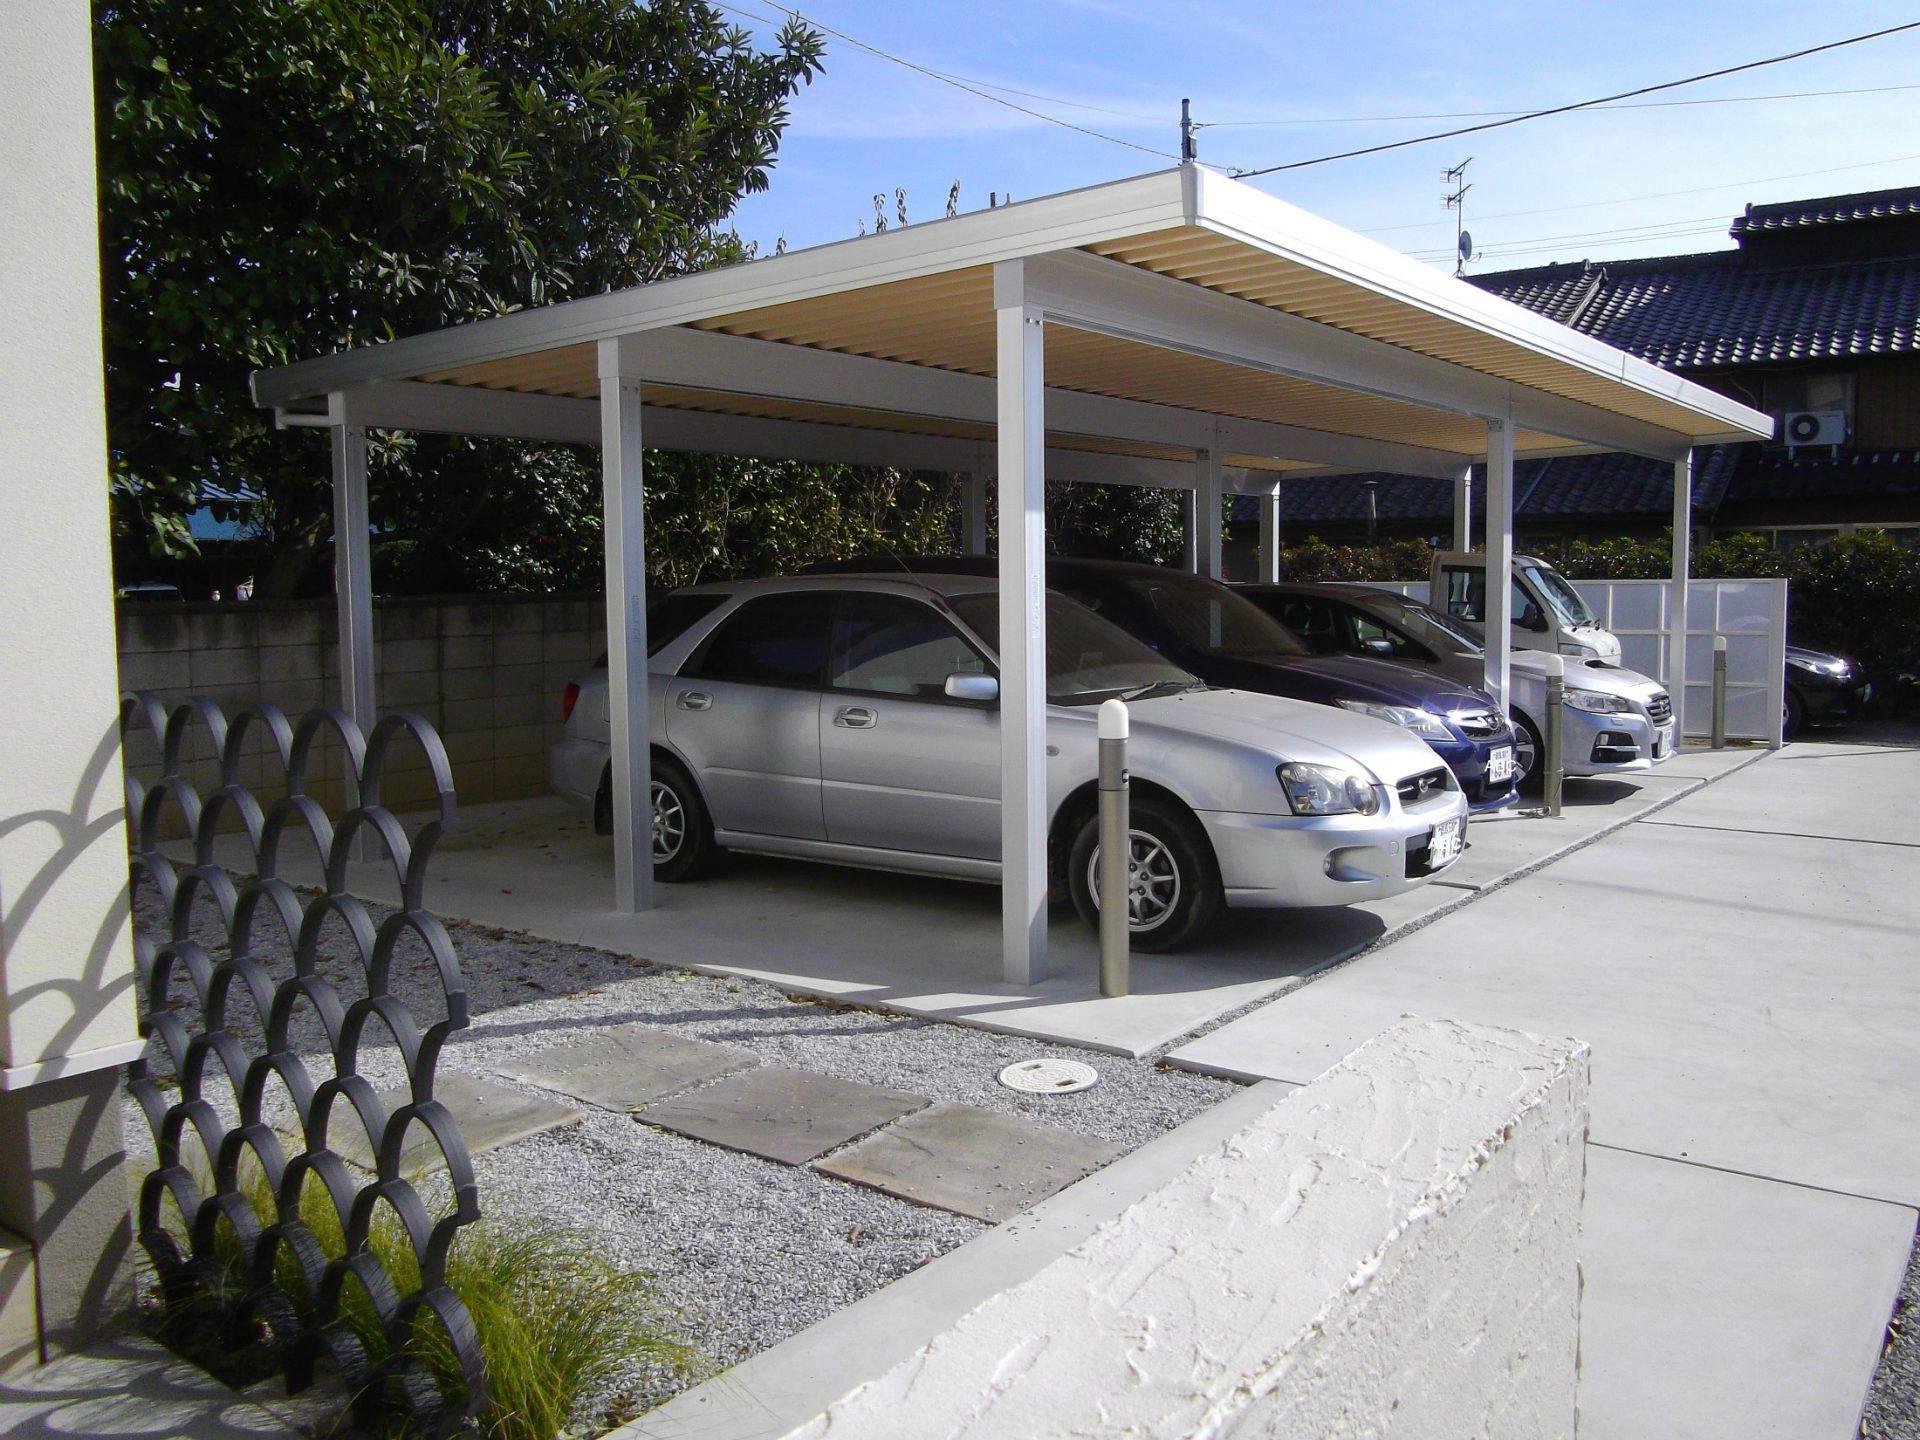 前橋市 エクステリア 外構 カーポート 駐車場 耐雪 積雪対応 フェンス 目隠し モダン シンプル